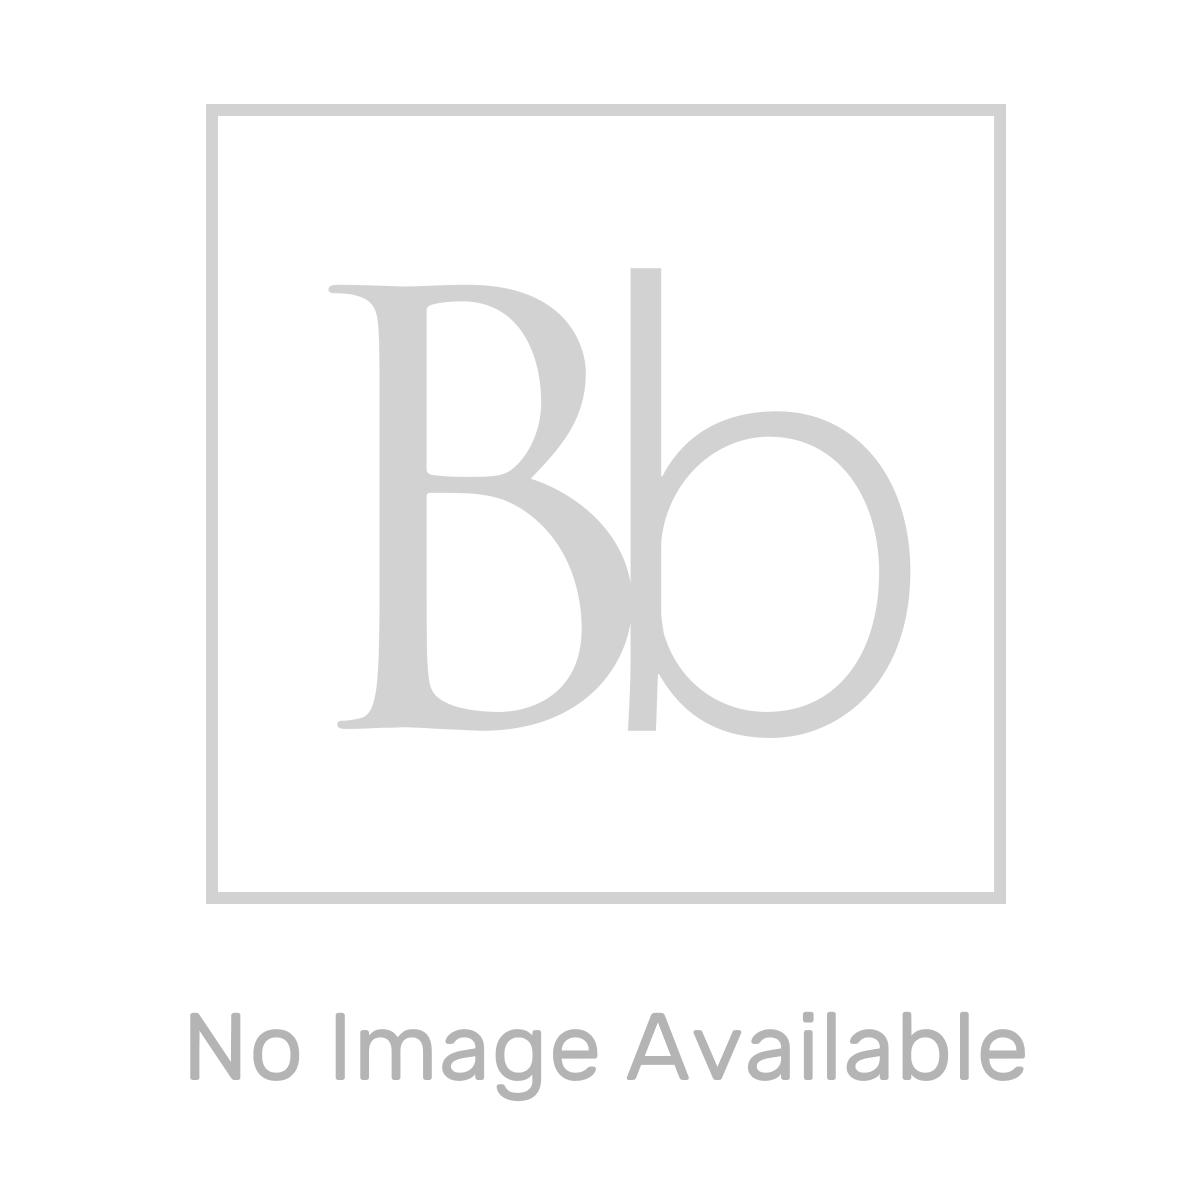 Premier High Gloss White Vanity Unit Deluxe Basin